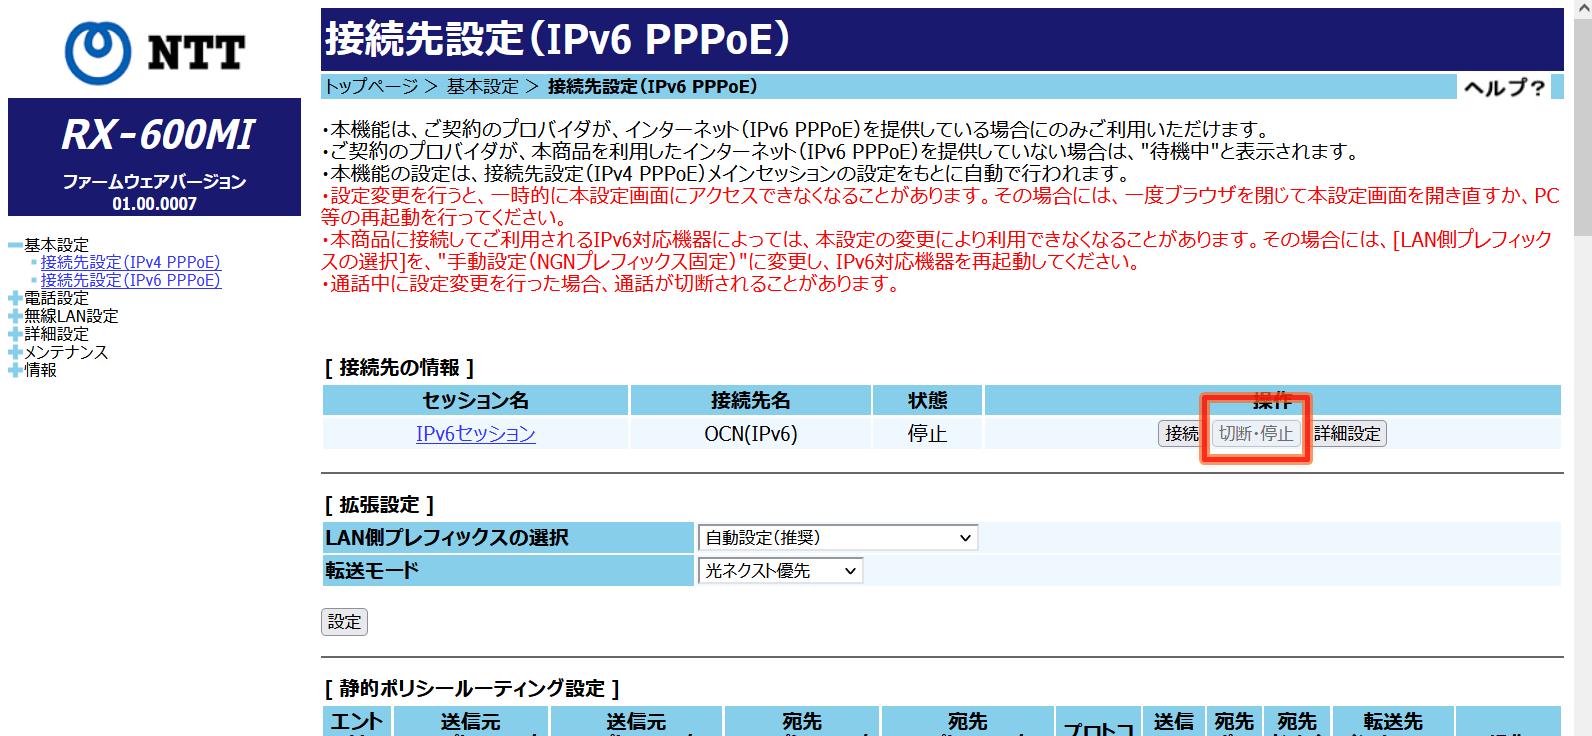 RX-600MI_PPPoE (2)